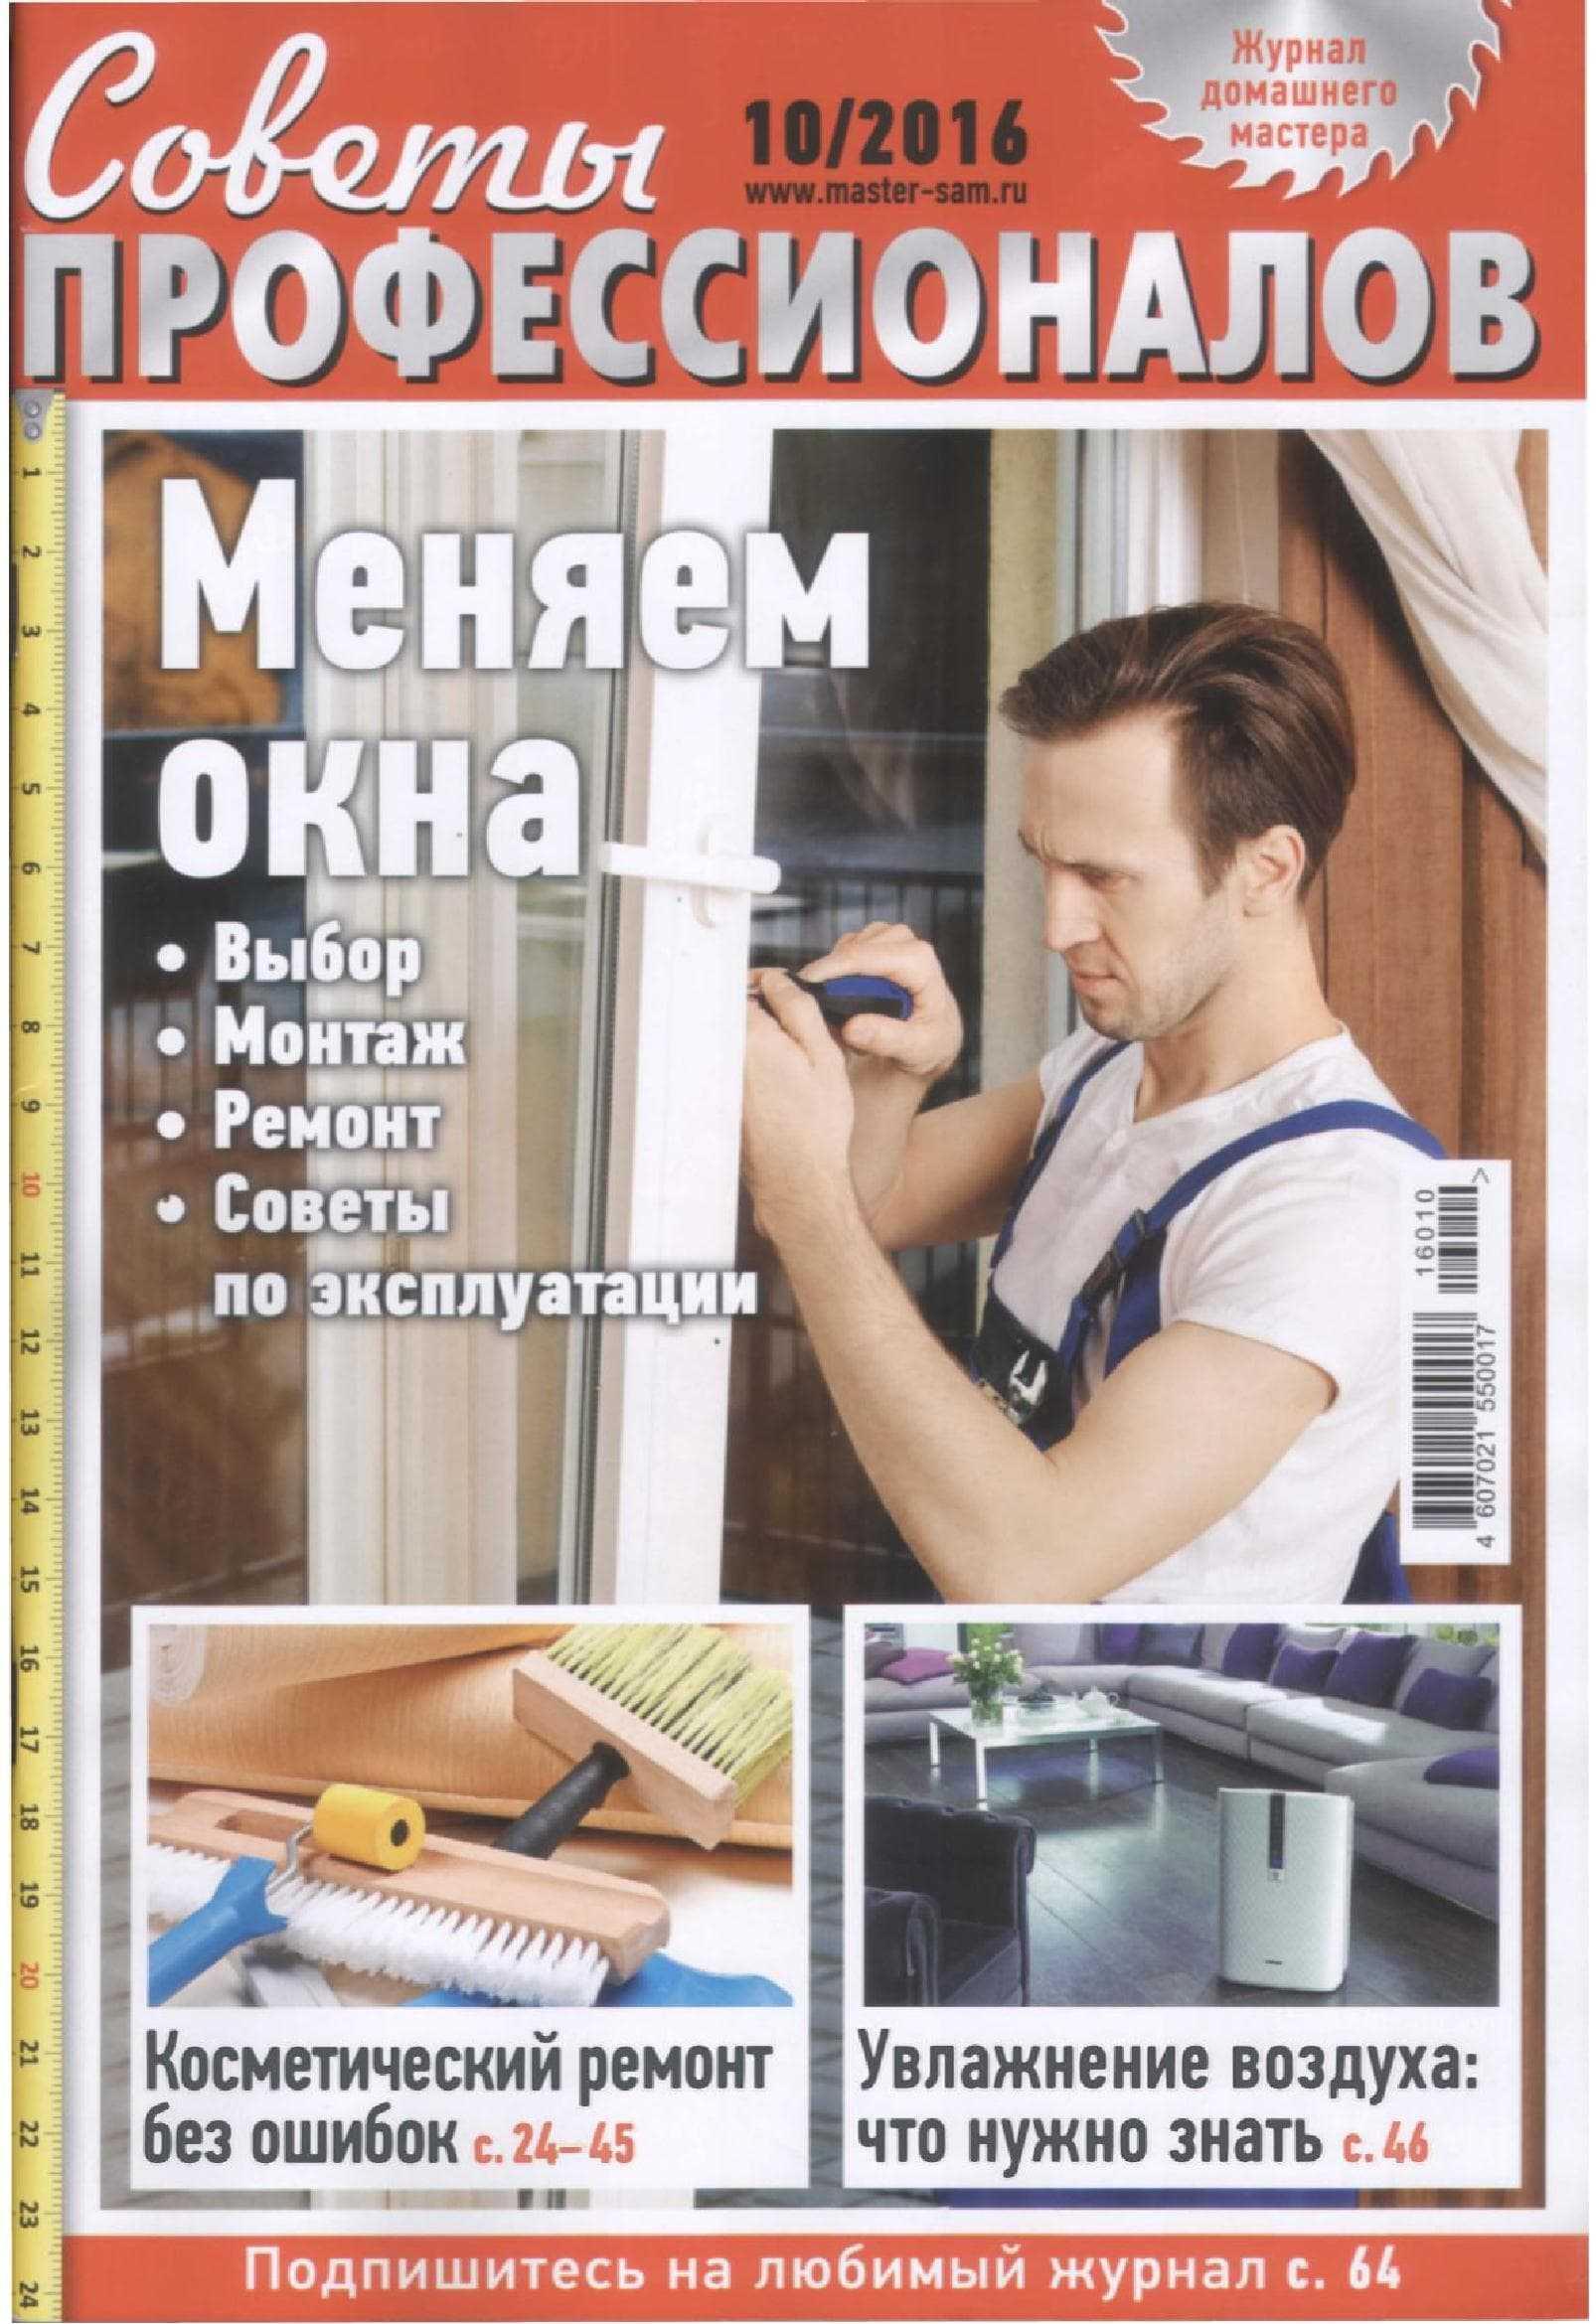 Советы профессионалов №10 (2016)